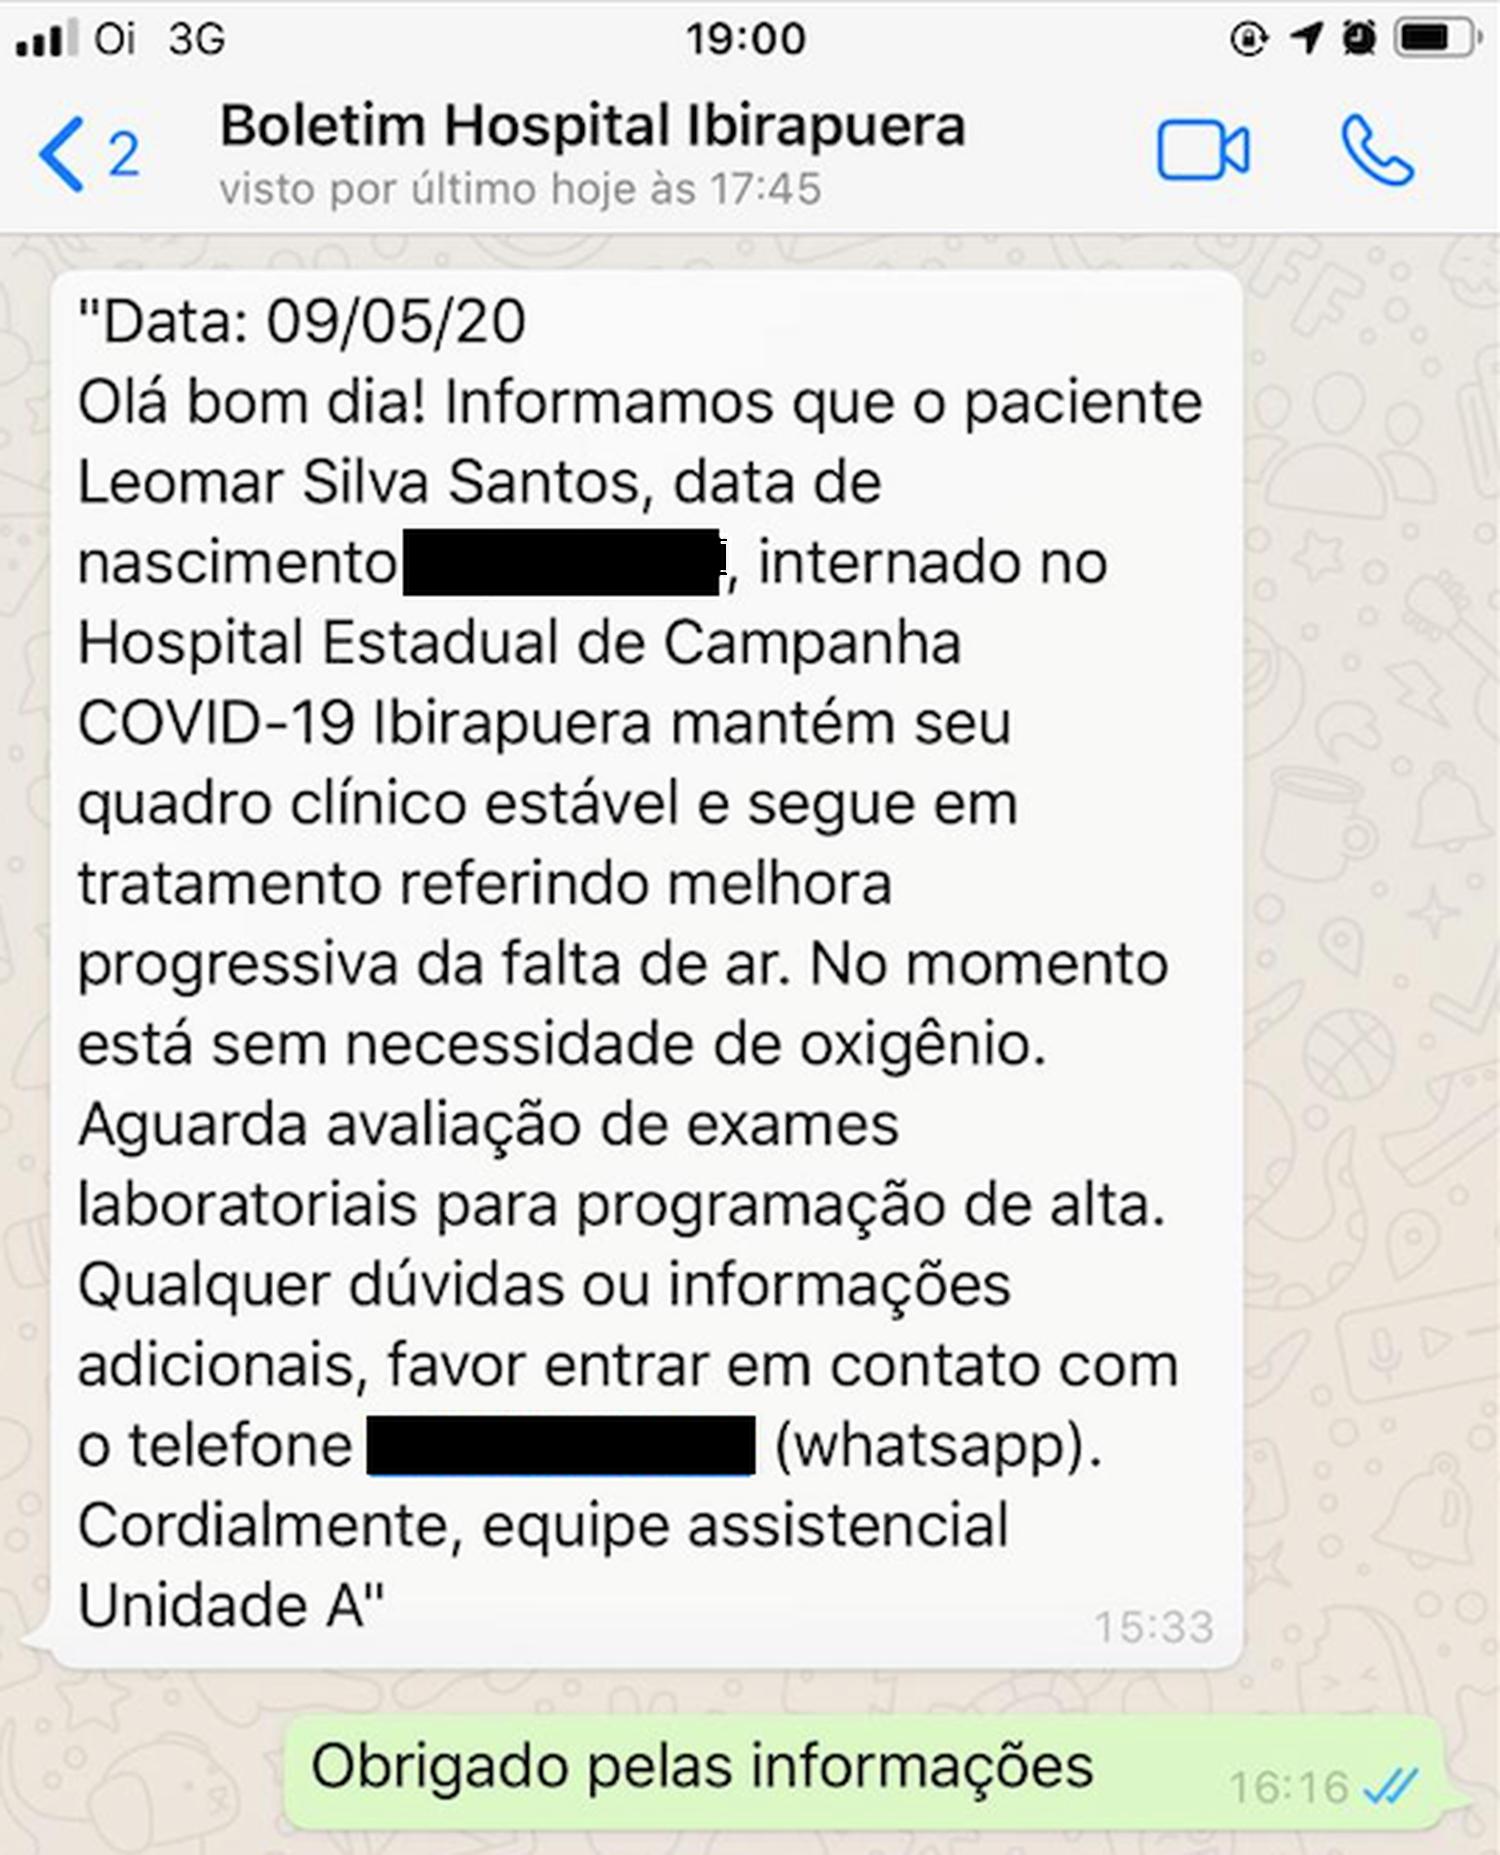 Boletim médico enviado por mensagem de celular para a família de Leomar.